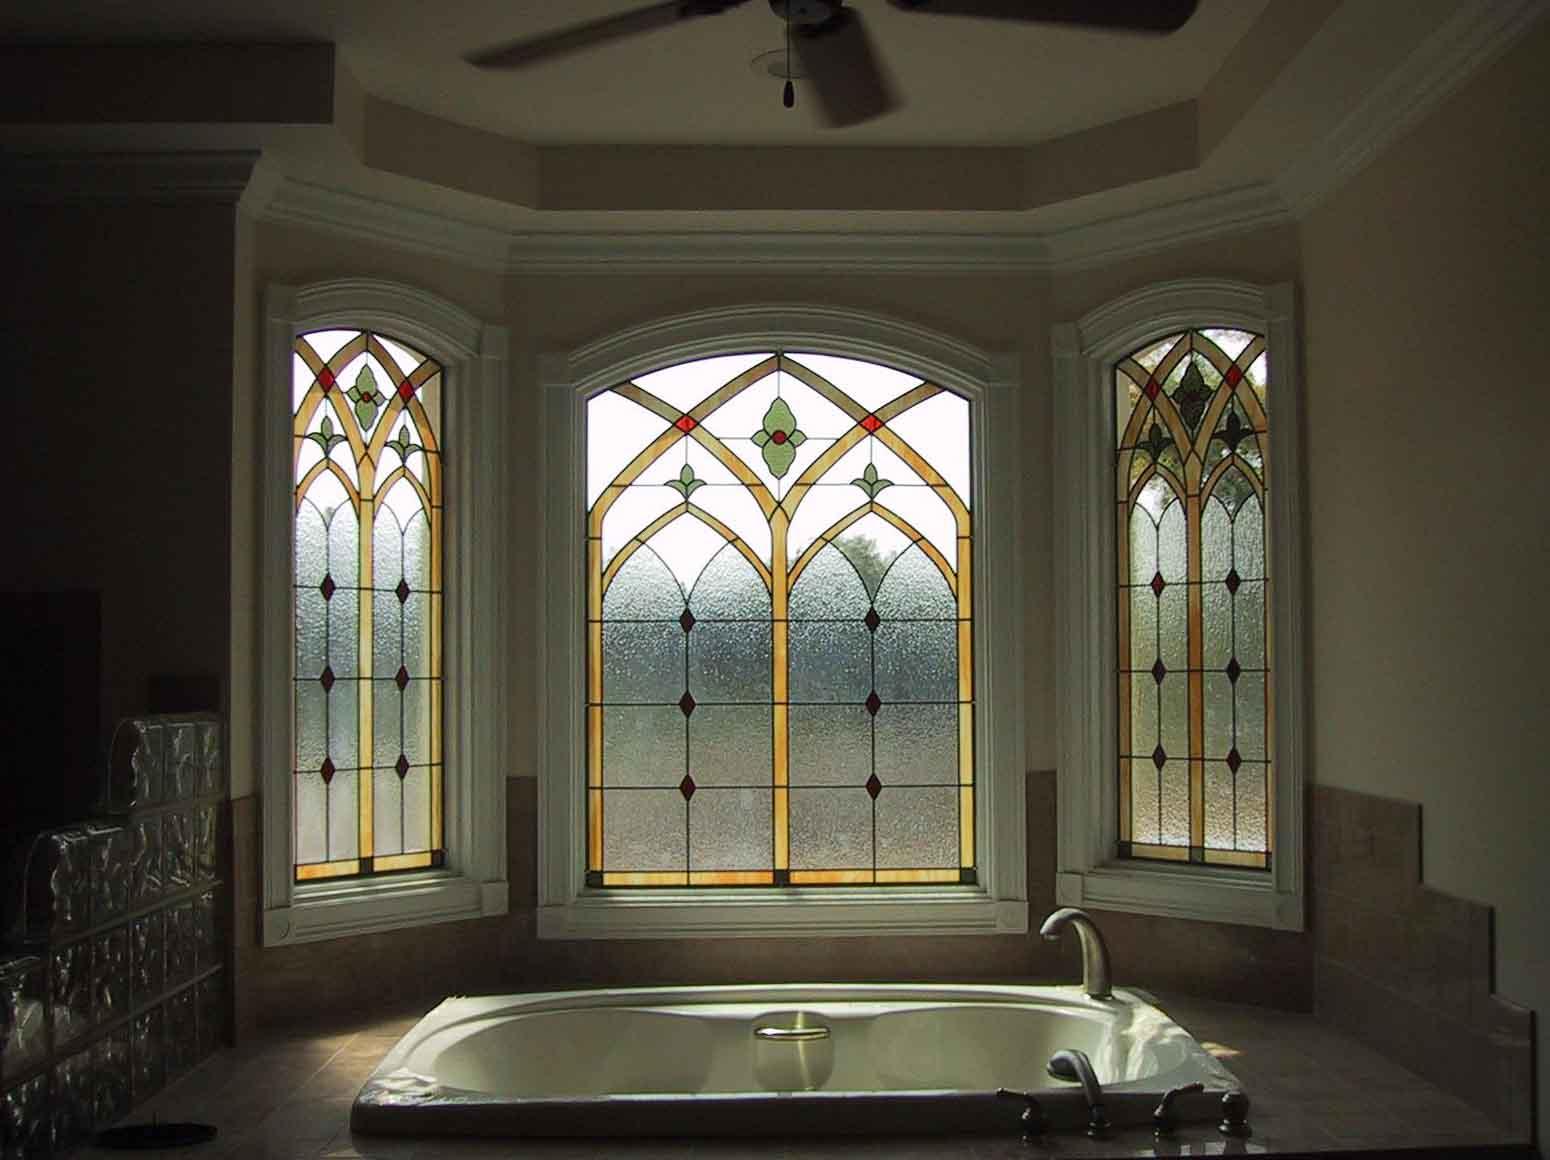 Fürdőszoba ablaküveg - Olomuveg.hu